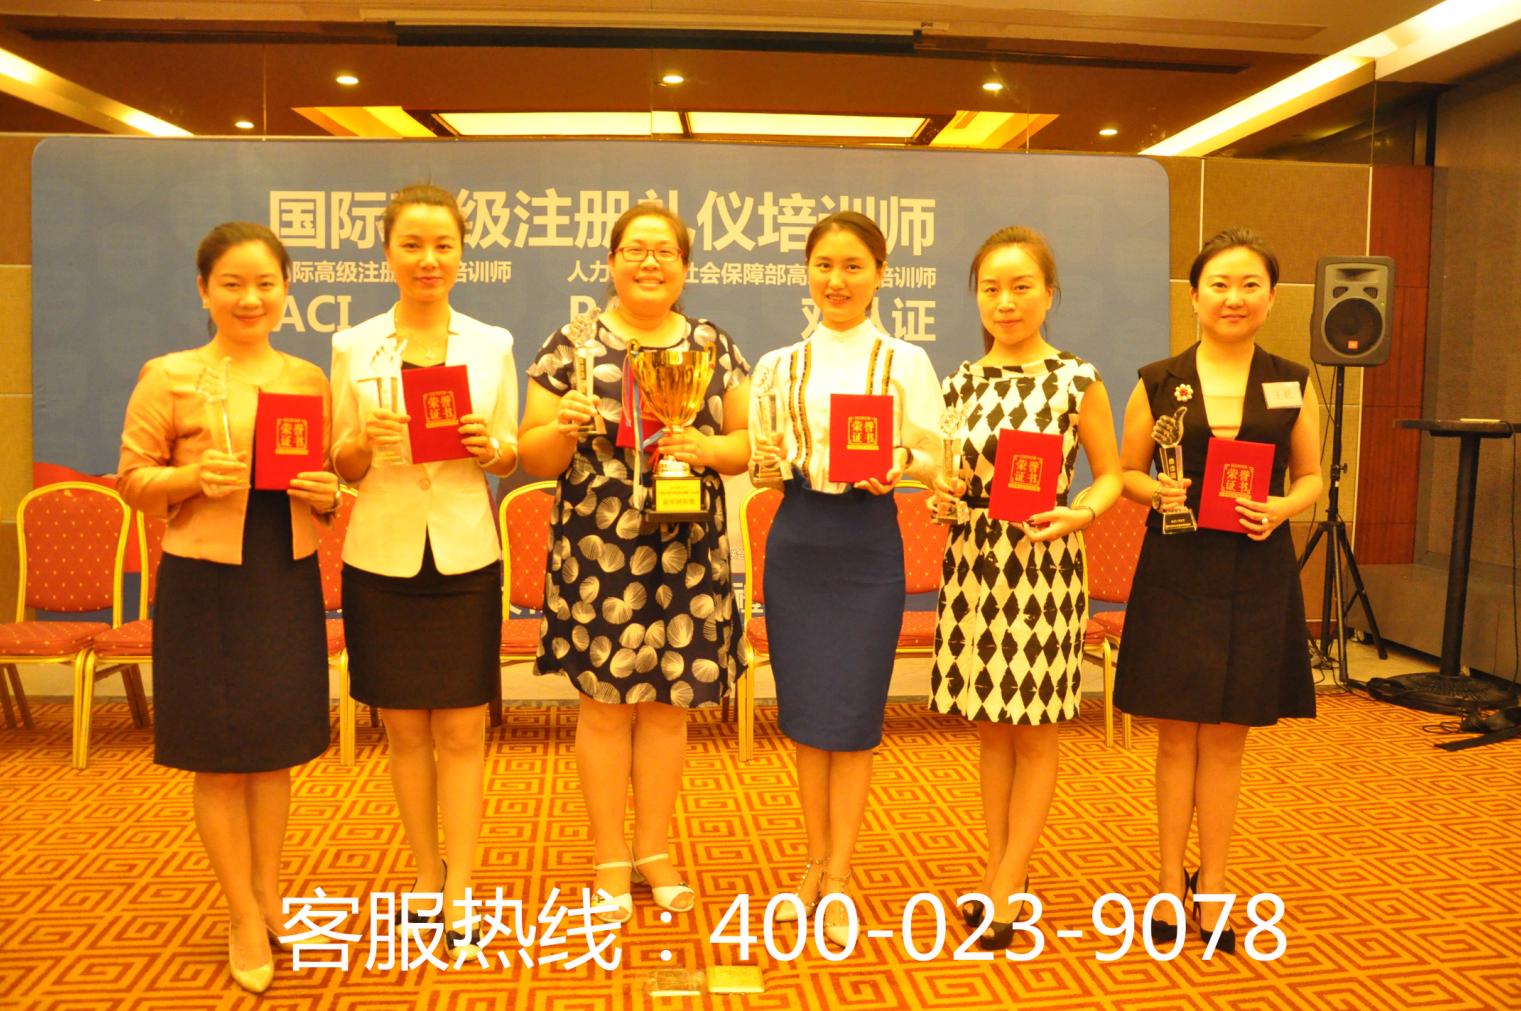 国家高级礼仪资格证培训_国际注册礼仪资格认证_上海海纳川教育科技有限公司